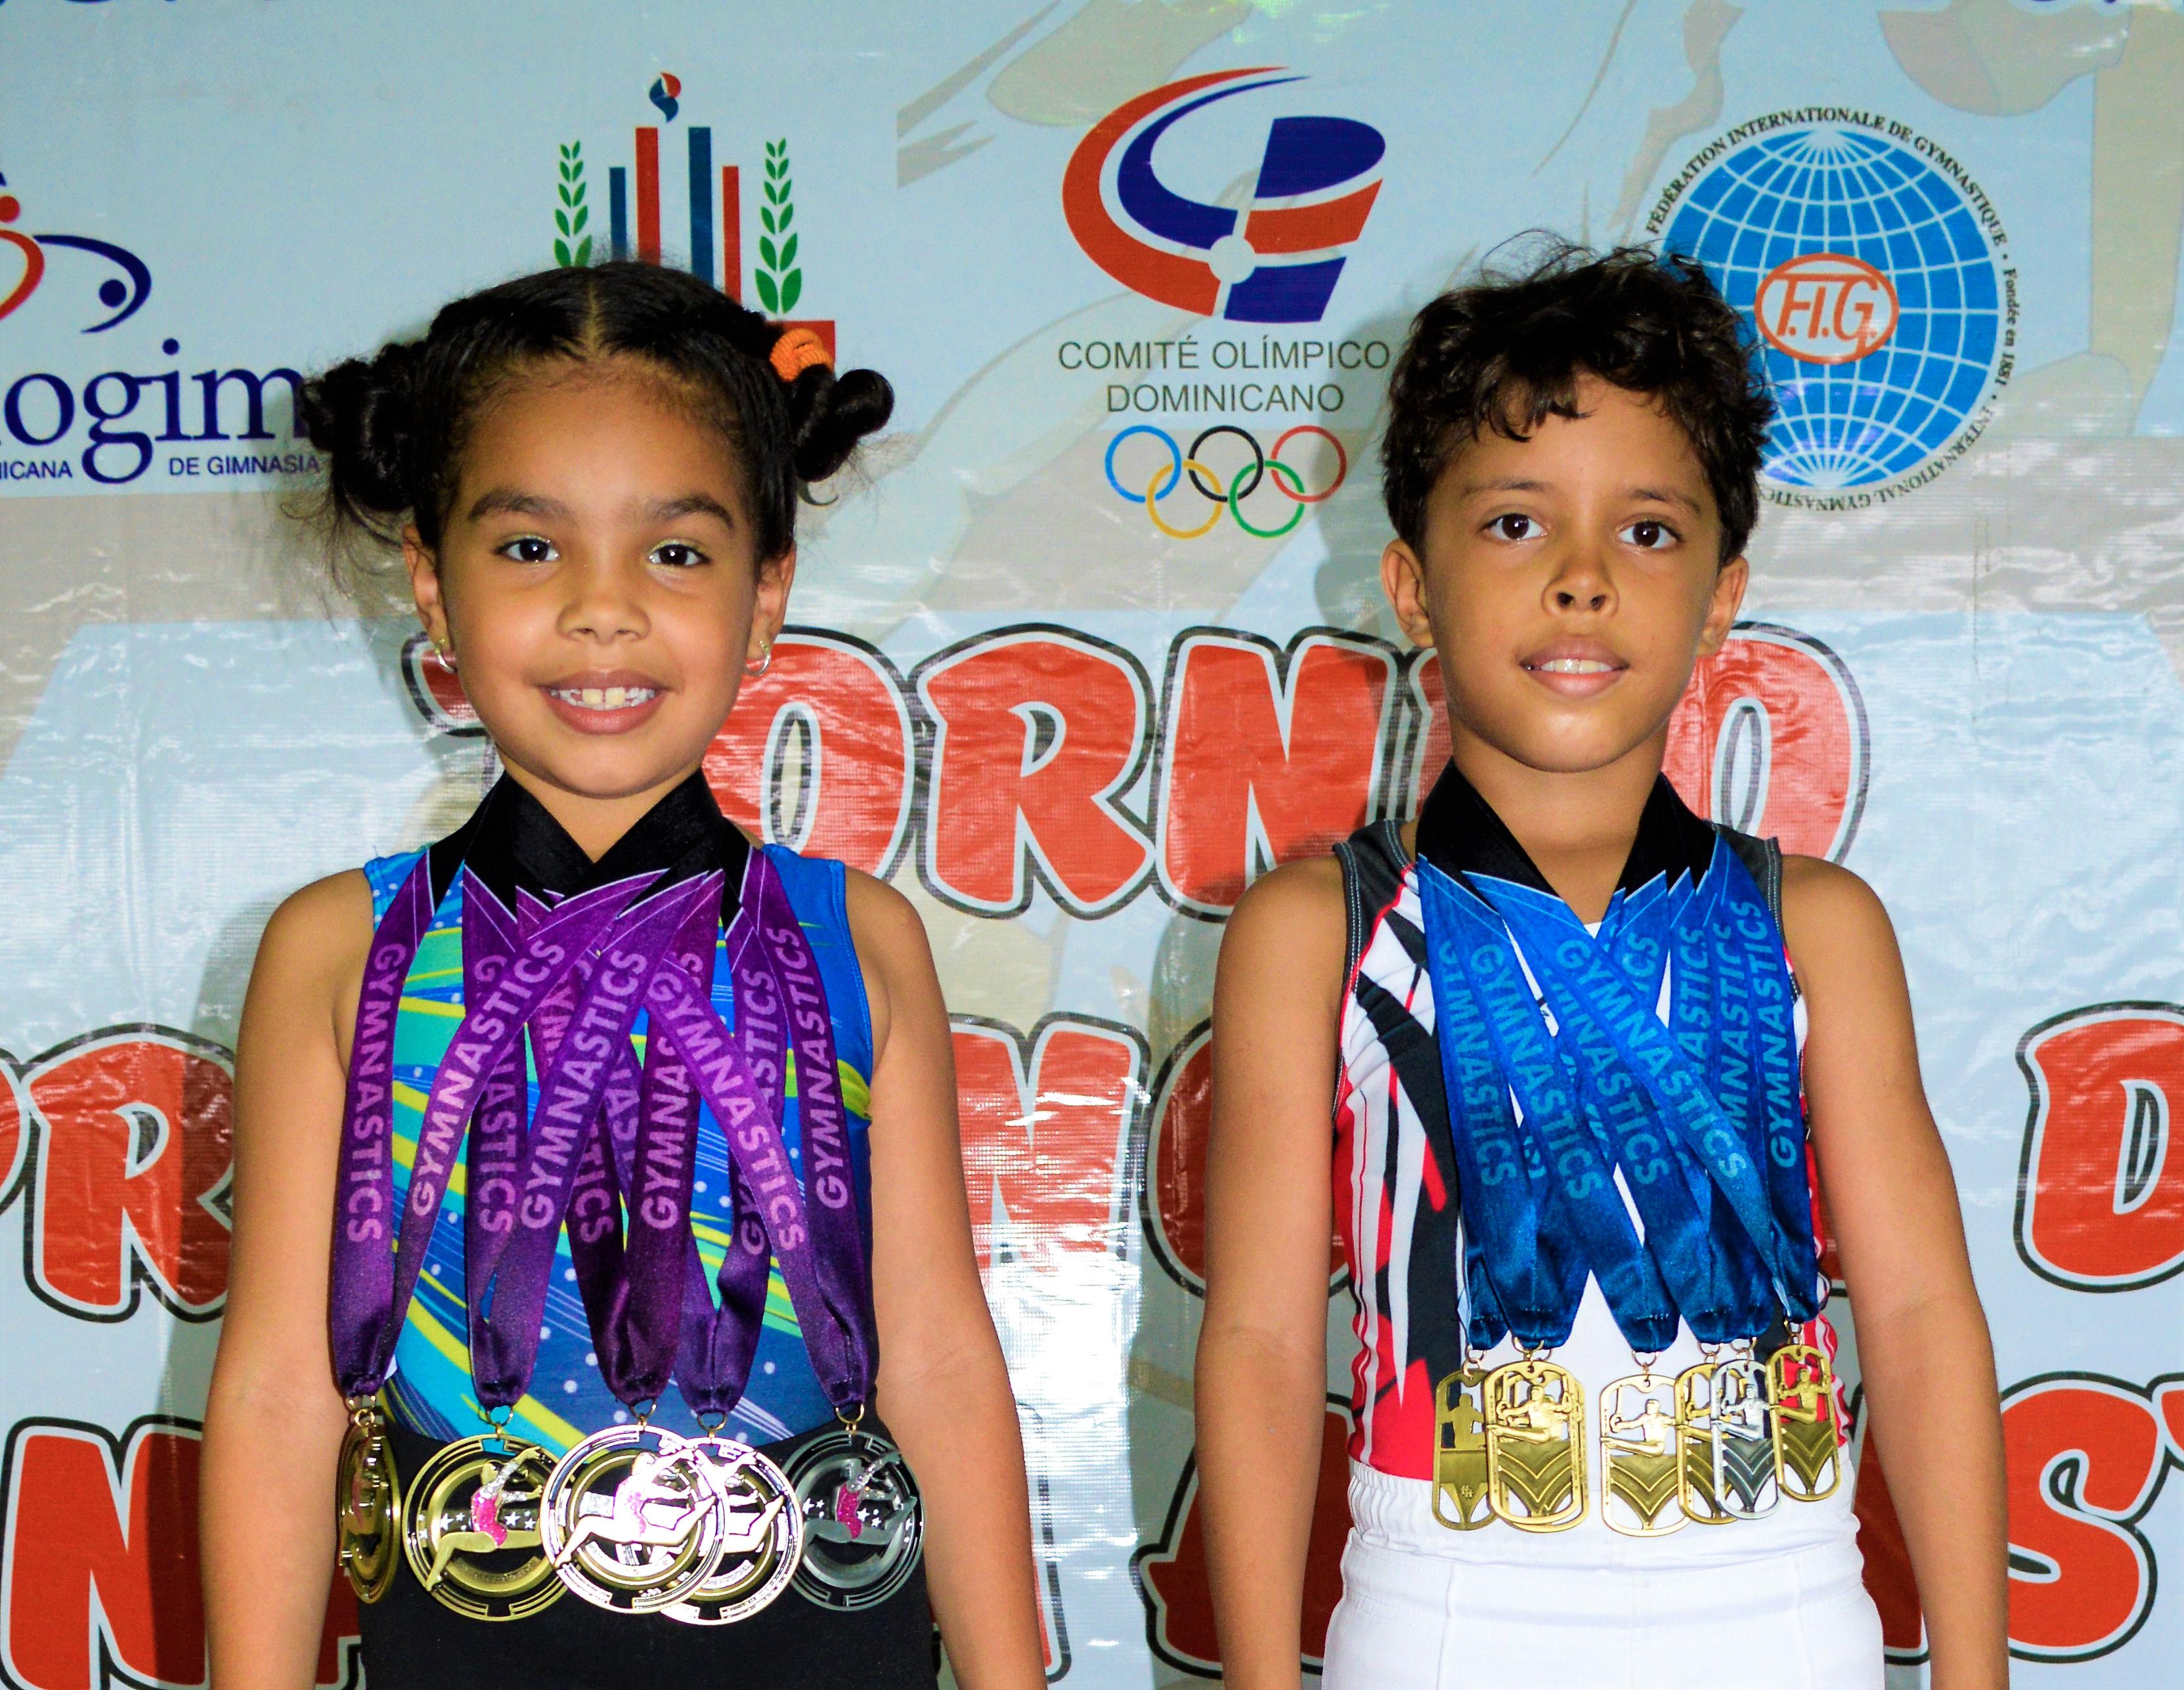 Jhon Manuel Lantigua y Lesly Isabela Peralta  resaltan en torneo de gimnasia navideño